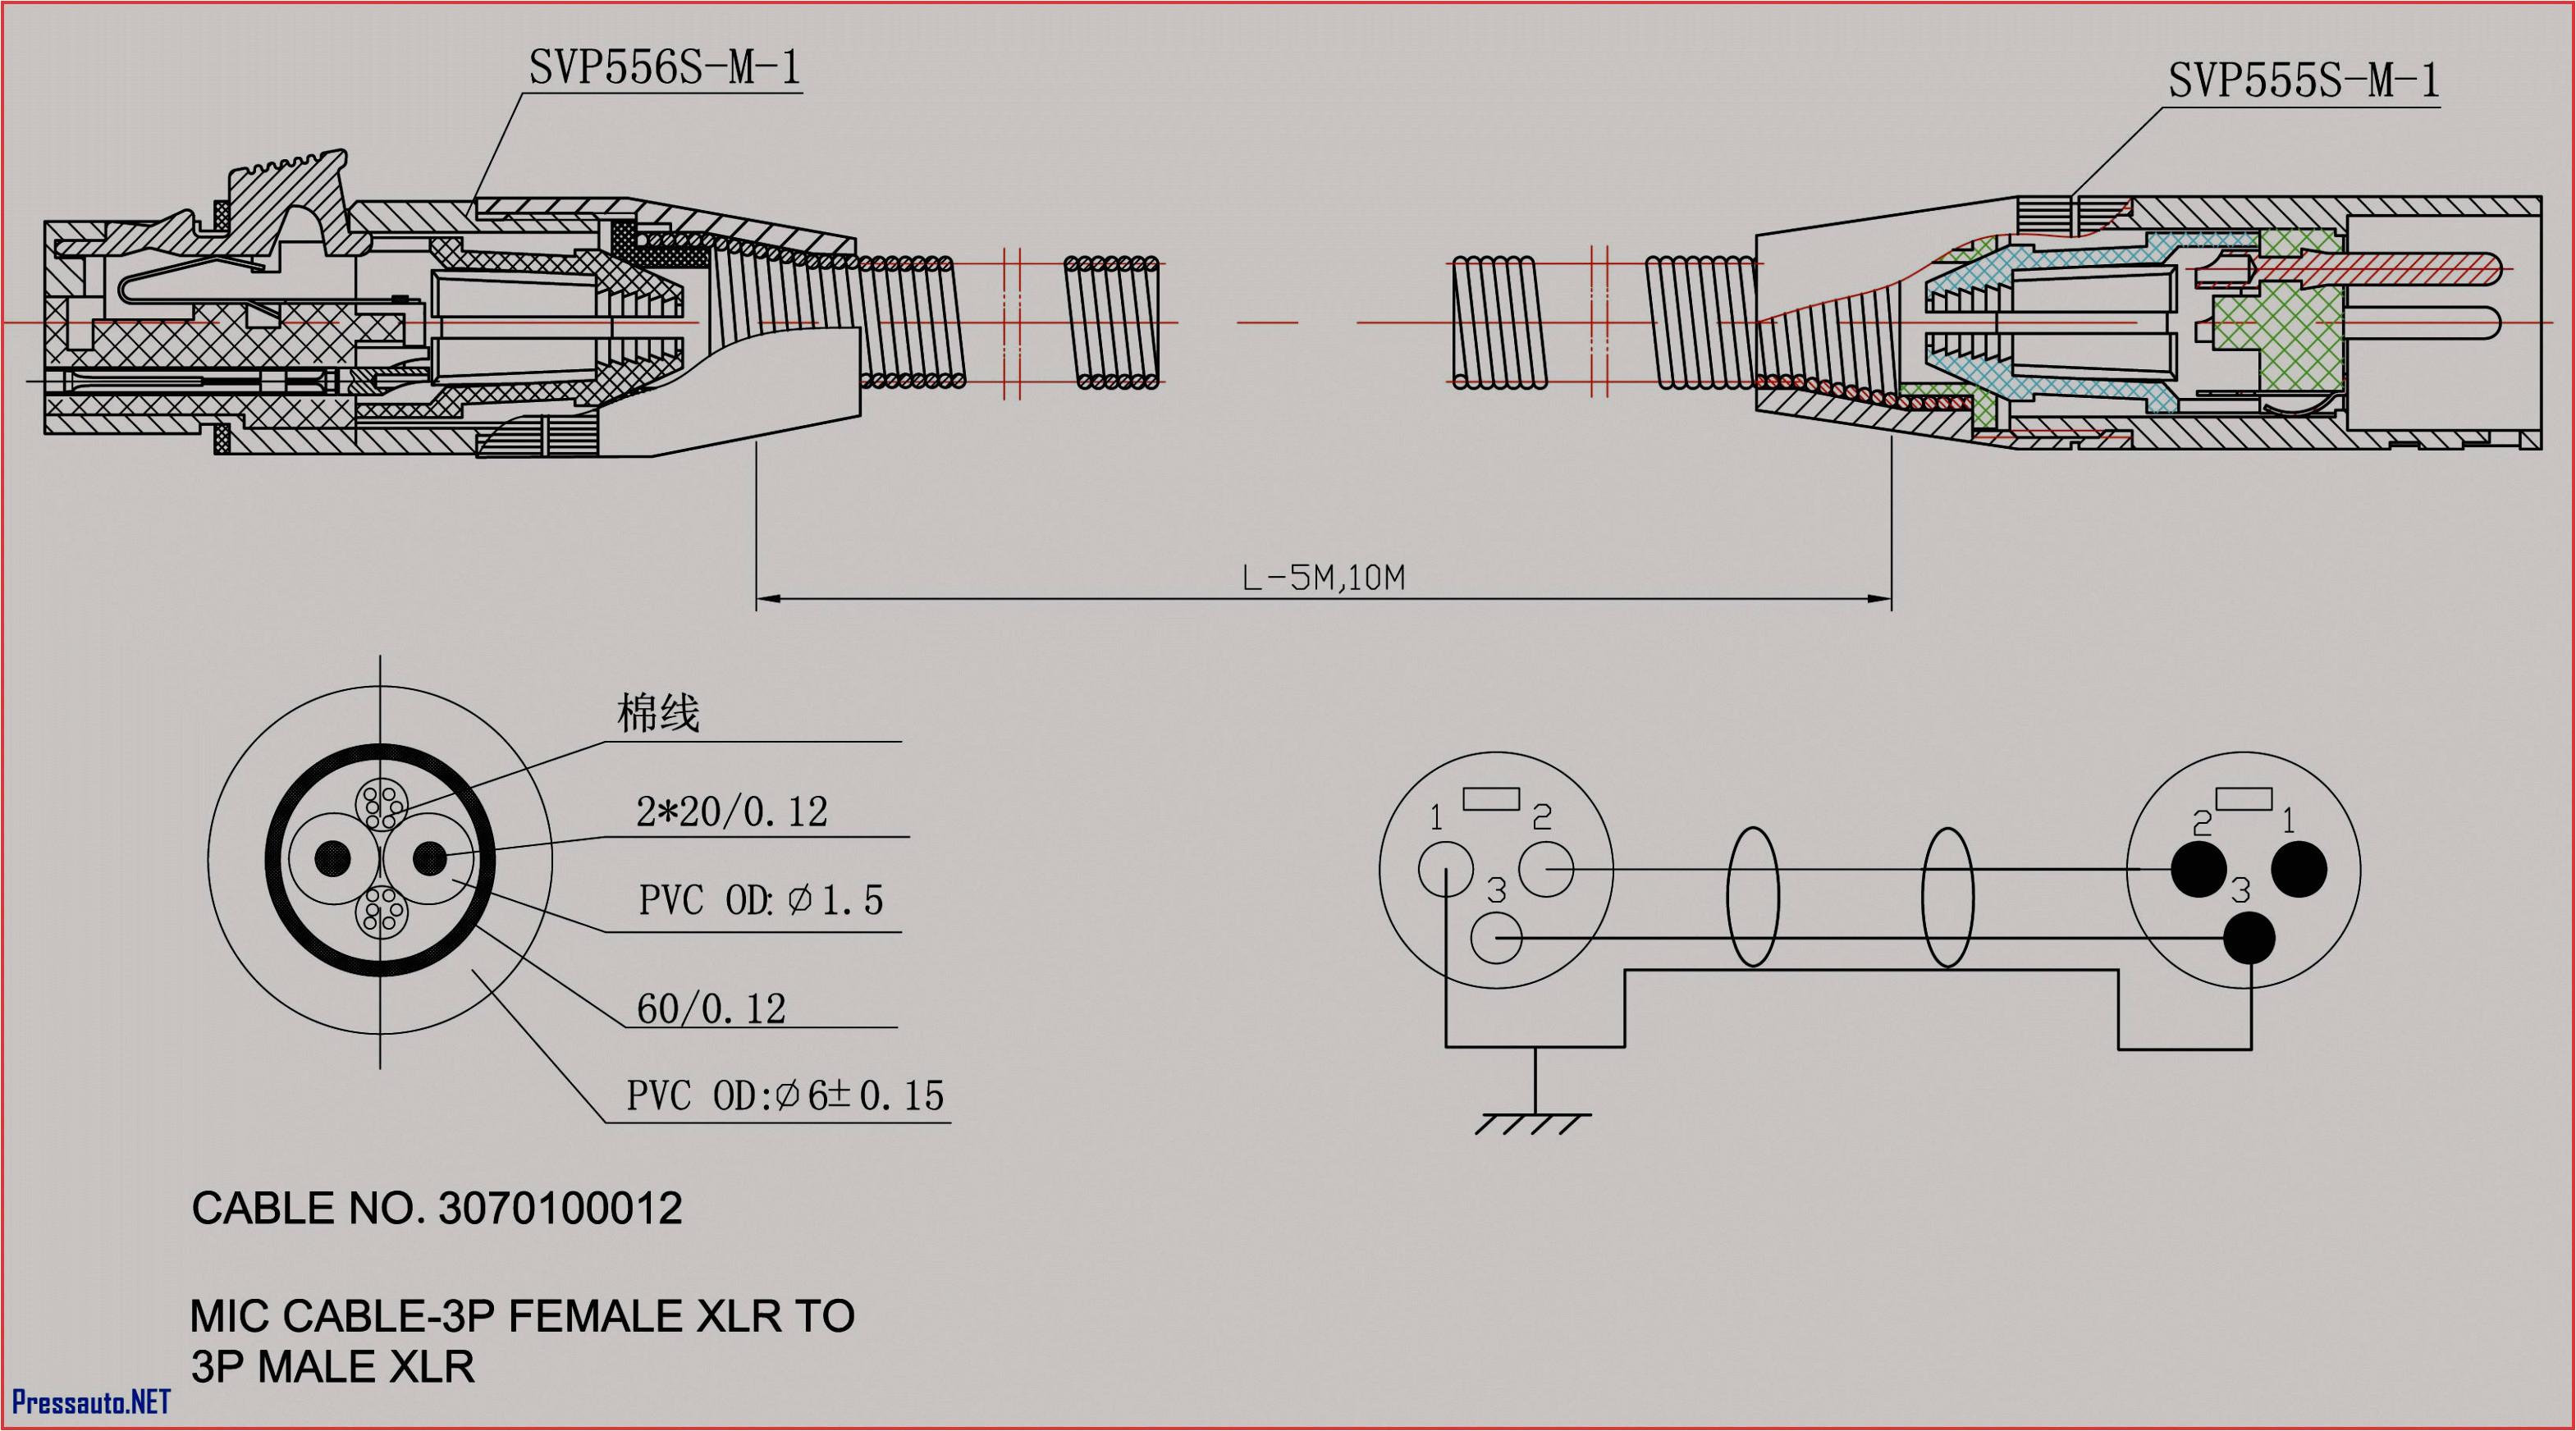 arco wiring diagram wiring diagram datasource 60075 arco alternator wiring diagram